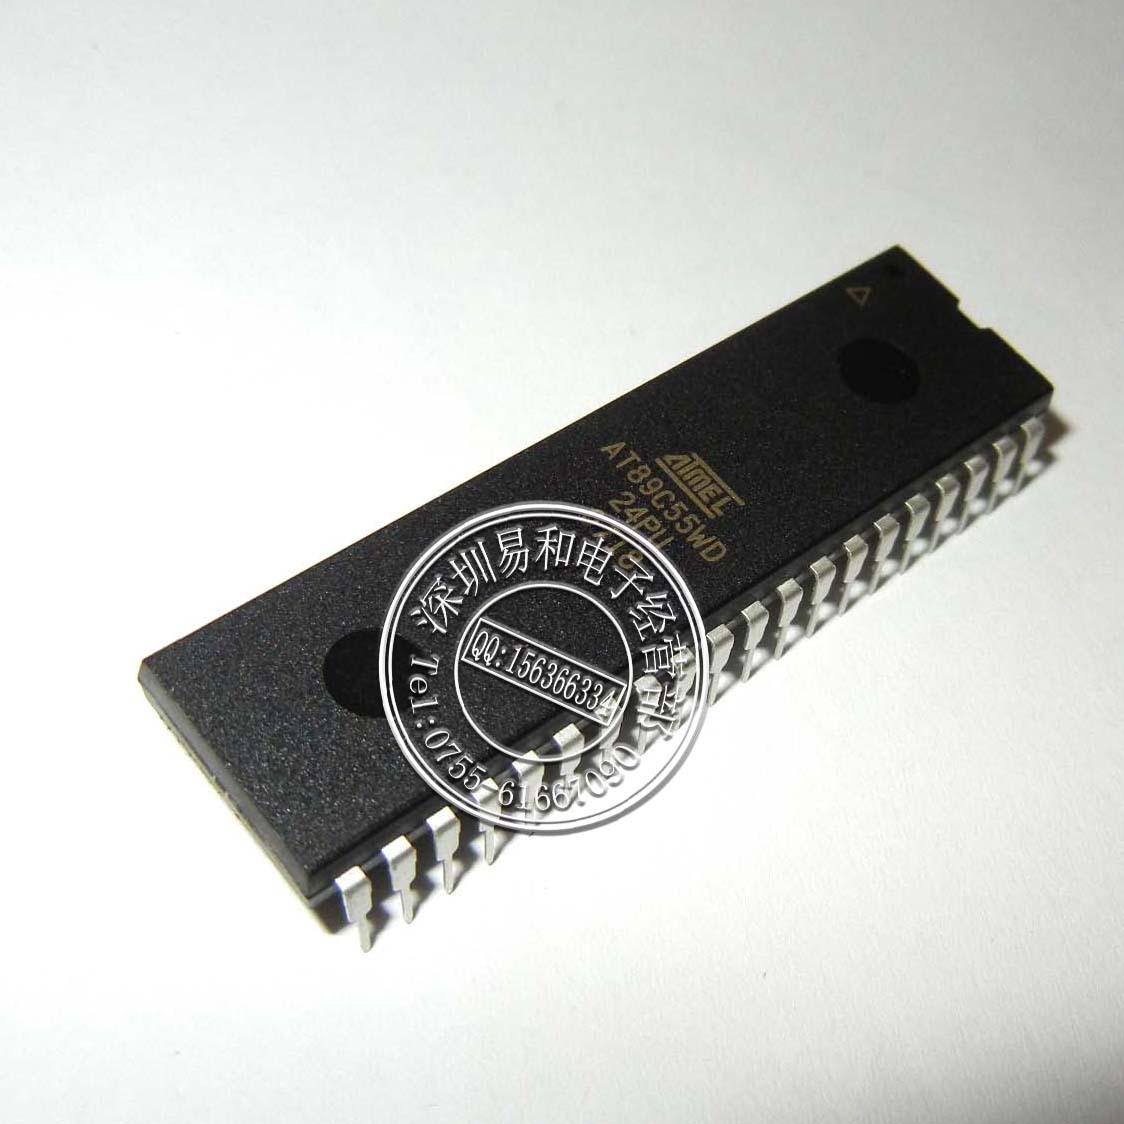 2PCS IC AT89S8252-24PI AT89S8252-24PC DIP-40 ATMEL NEW GOOD QUALITY